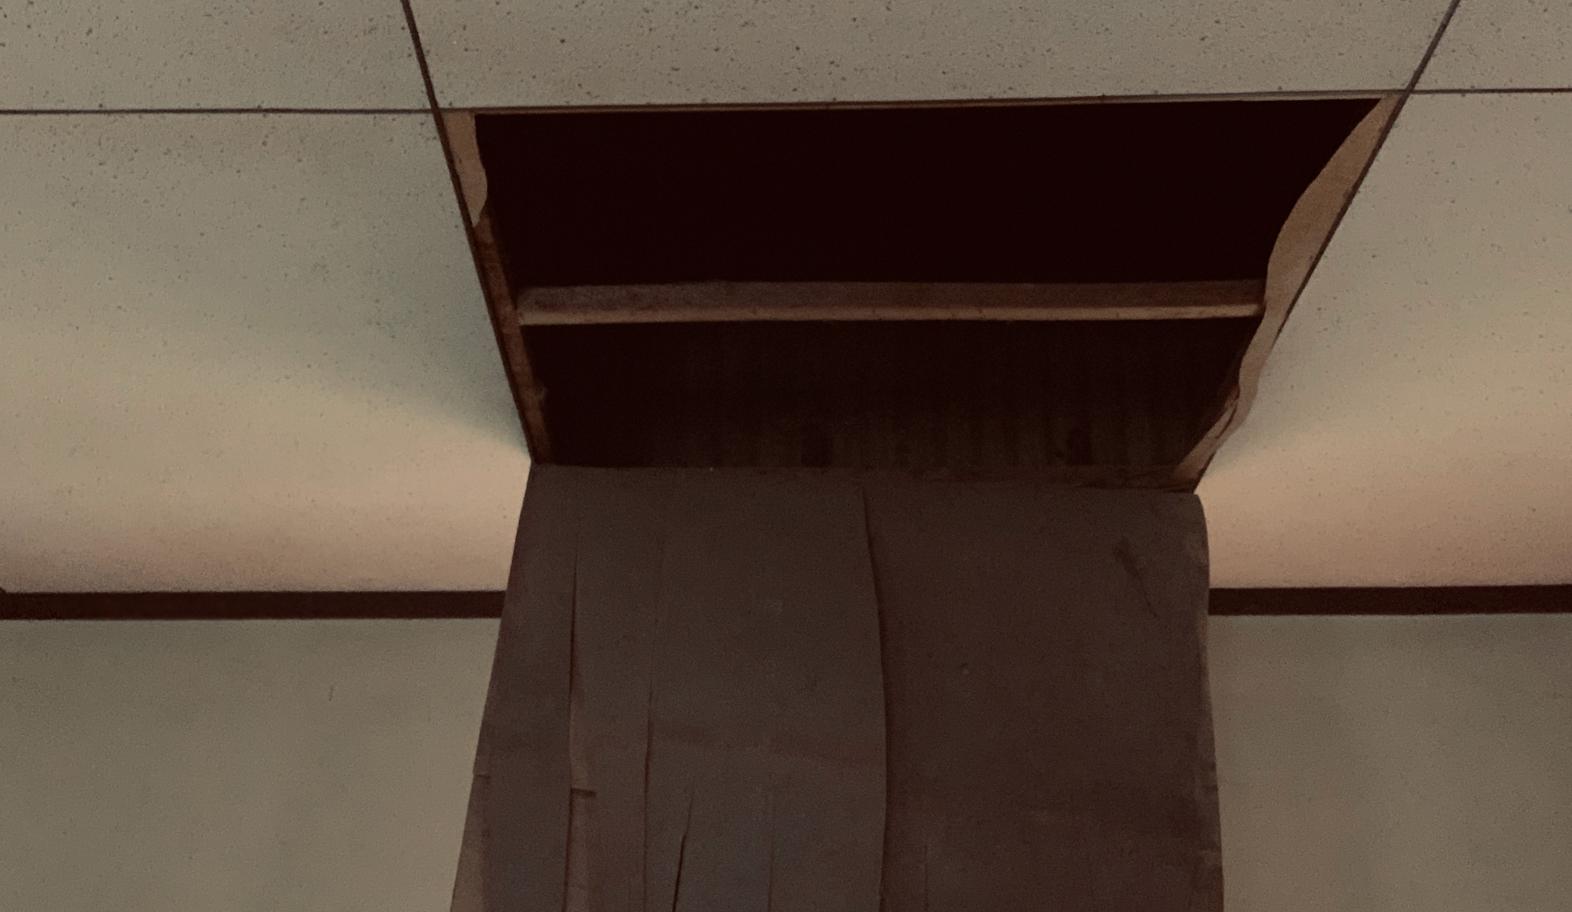 事故物件,自殺,殺人,映画,賃貸,写真,画像,探し方,芸人,実話,住んでみた,恐い間取り,東京,埼玉,サイト,不動産屋